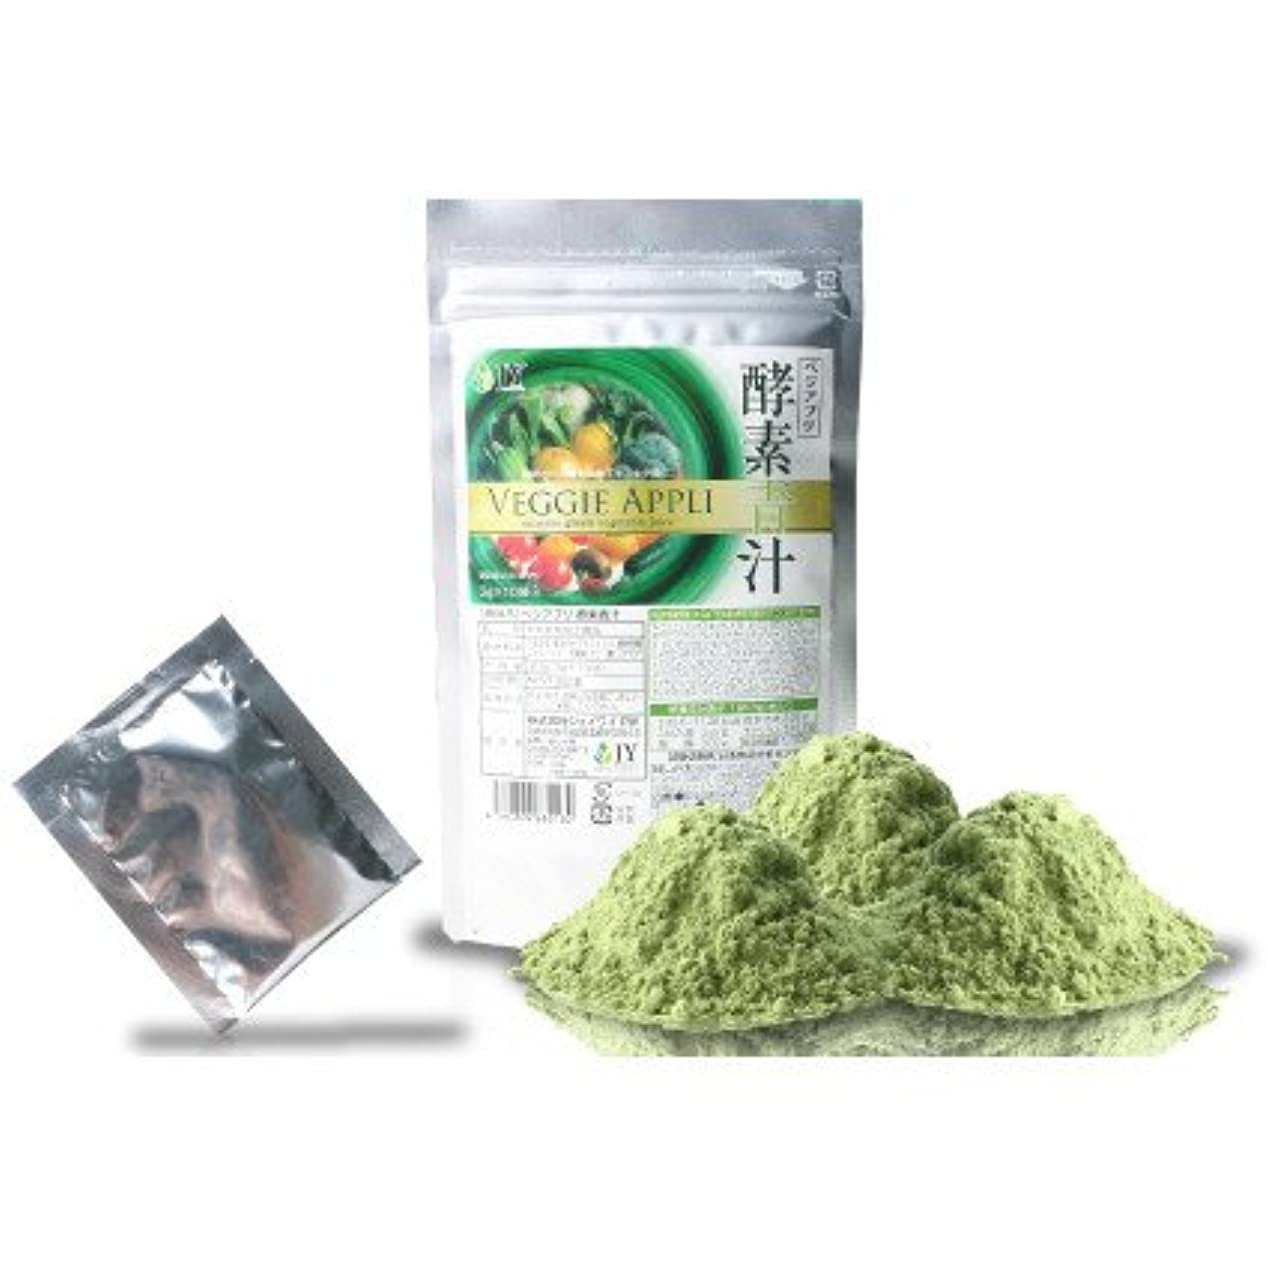 足音着陸エンコミウム酵素と青汁と乳酸菌、効率よくダイエットをサポート『ベジアプリ 酵素青汁 約10日間お試しサイズ10包入り』